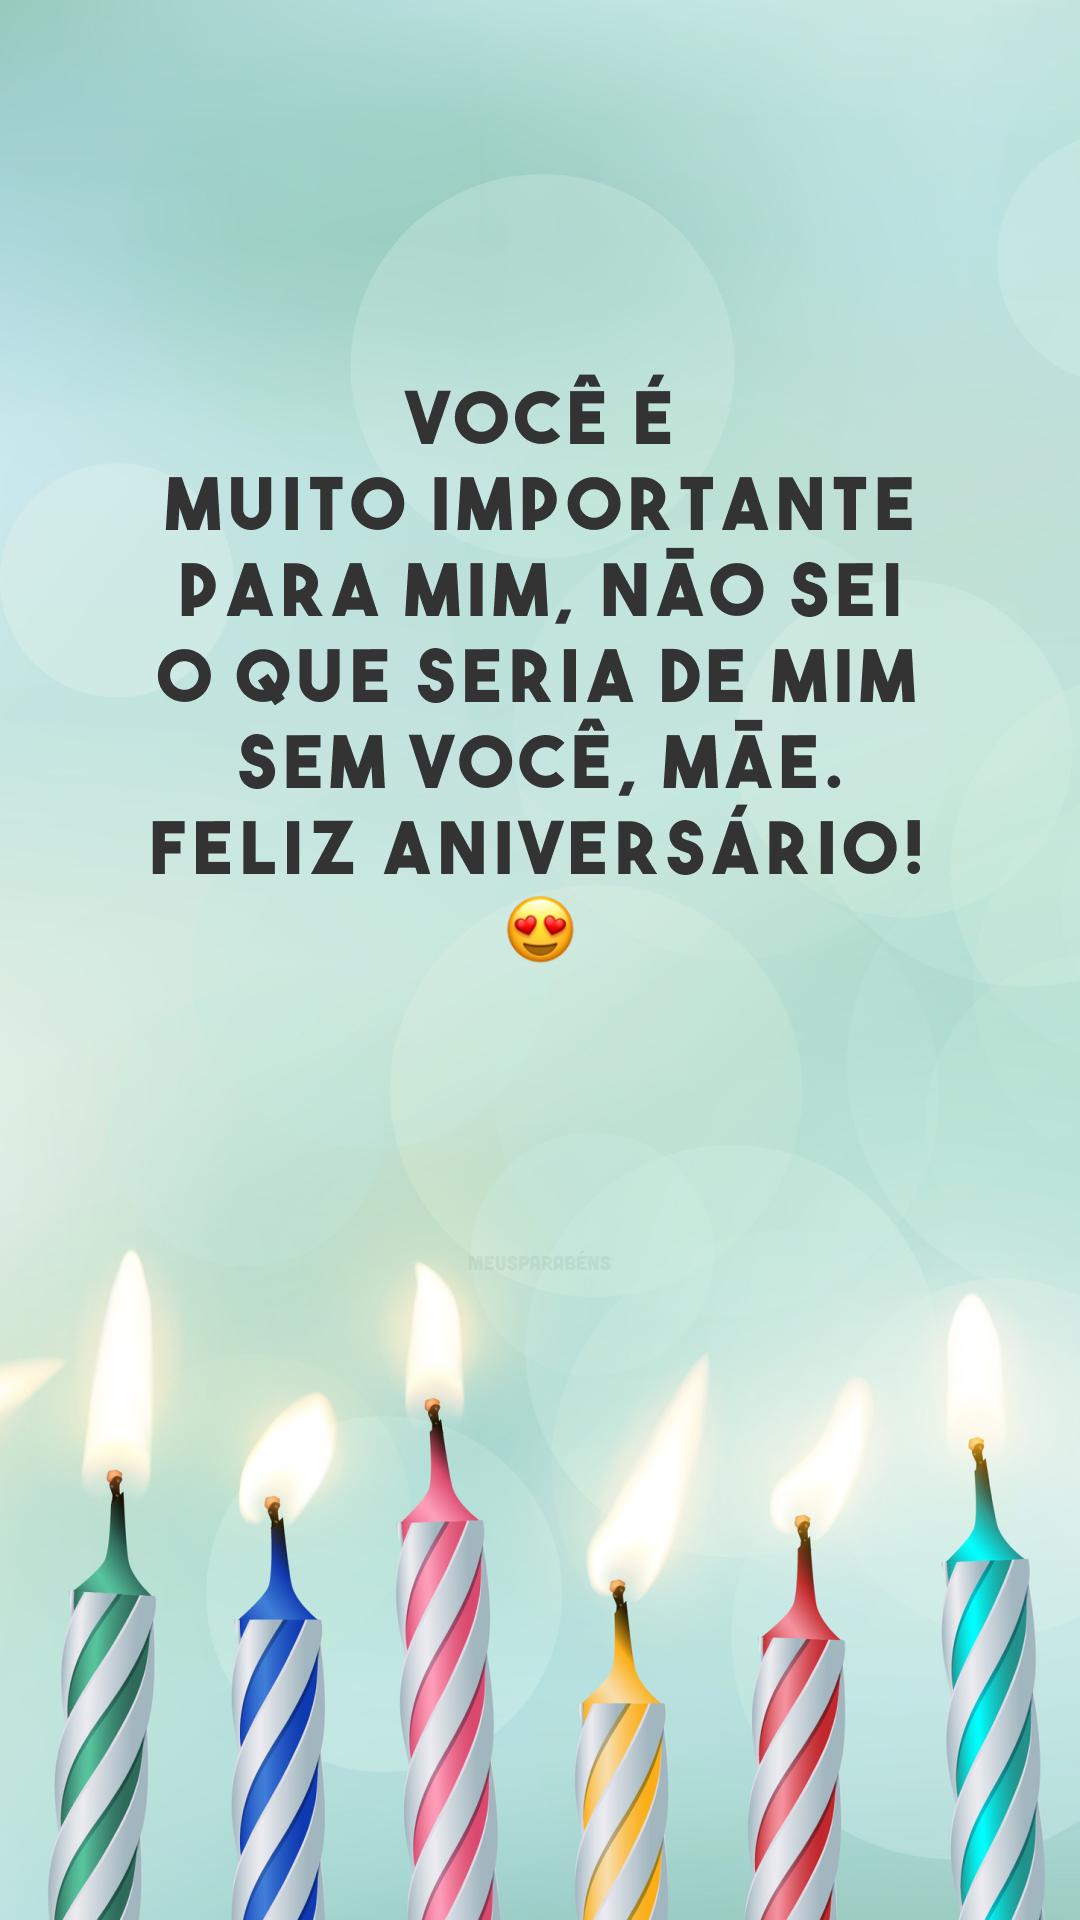 Você é muito importante para mim, não sei o que seria de mim sem você, mãe. Feliz aniversário!  😍